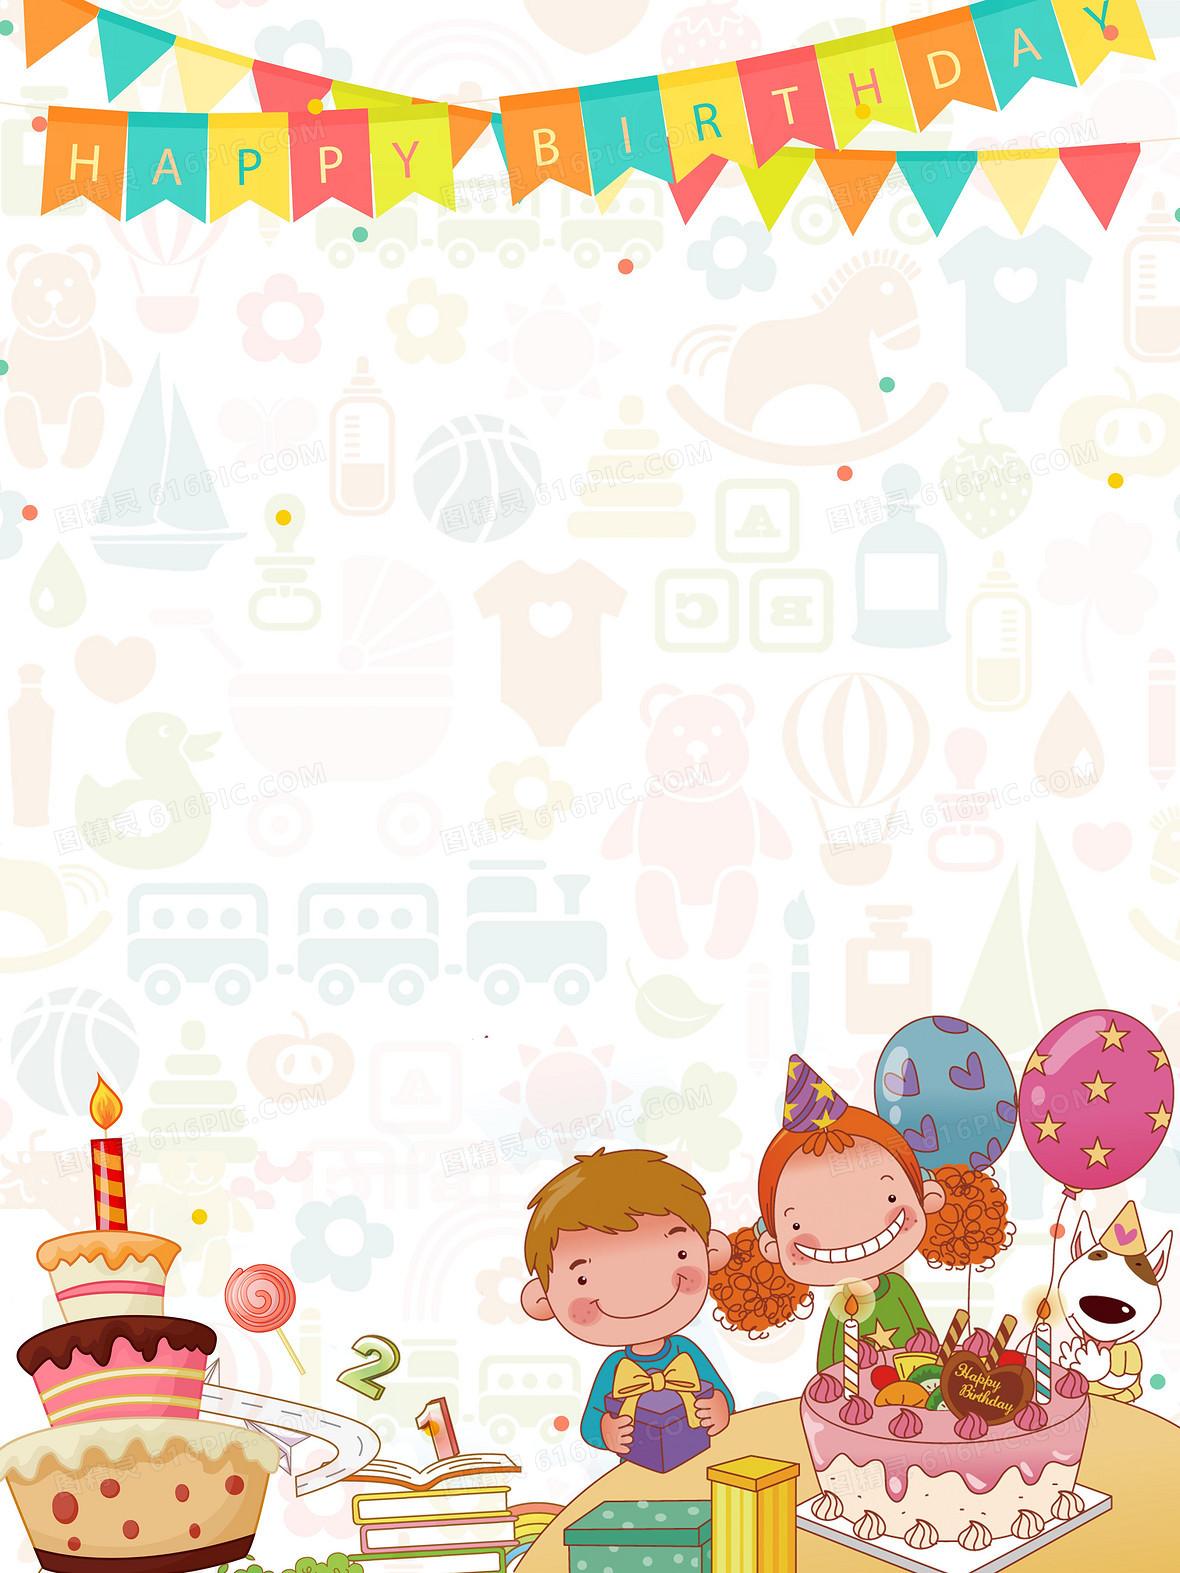 卡通矢量插画儿童蛋糕生日派对背景素材